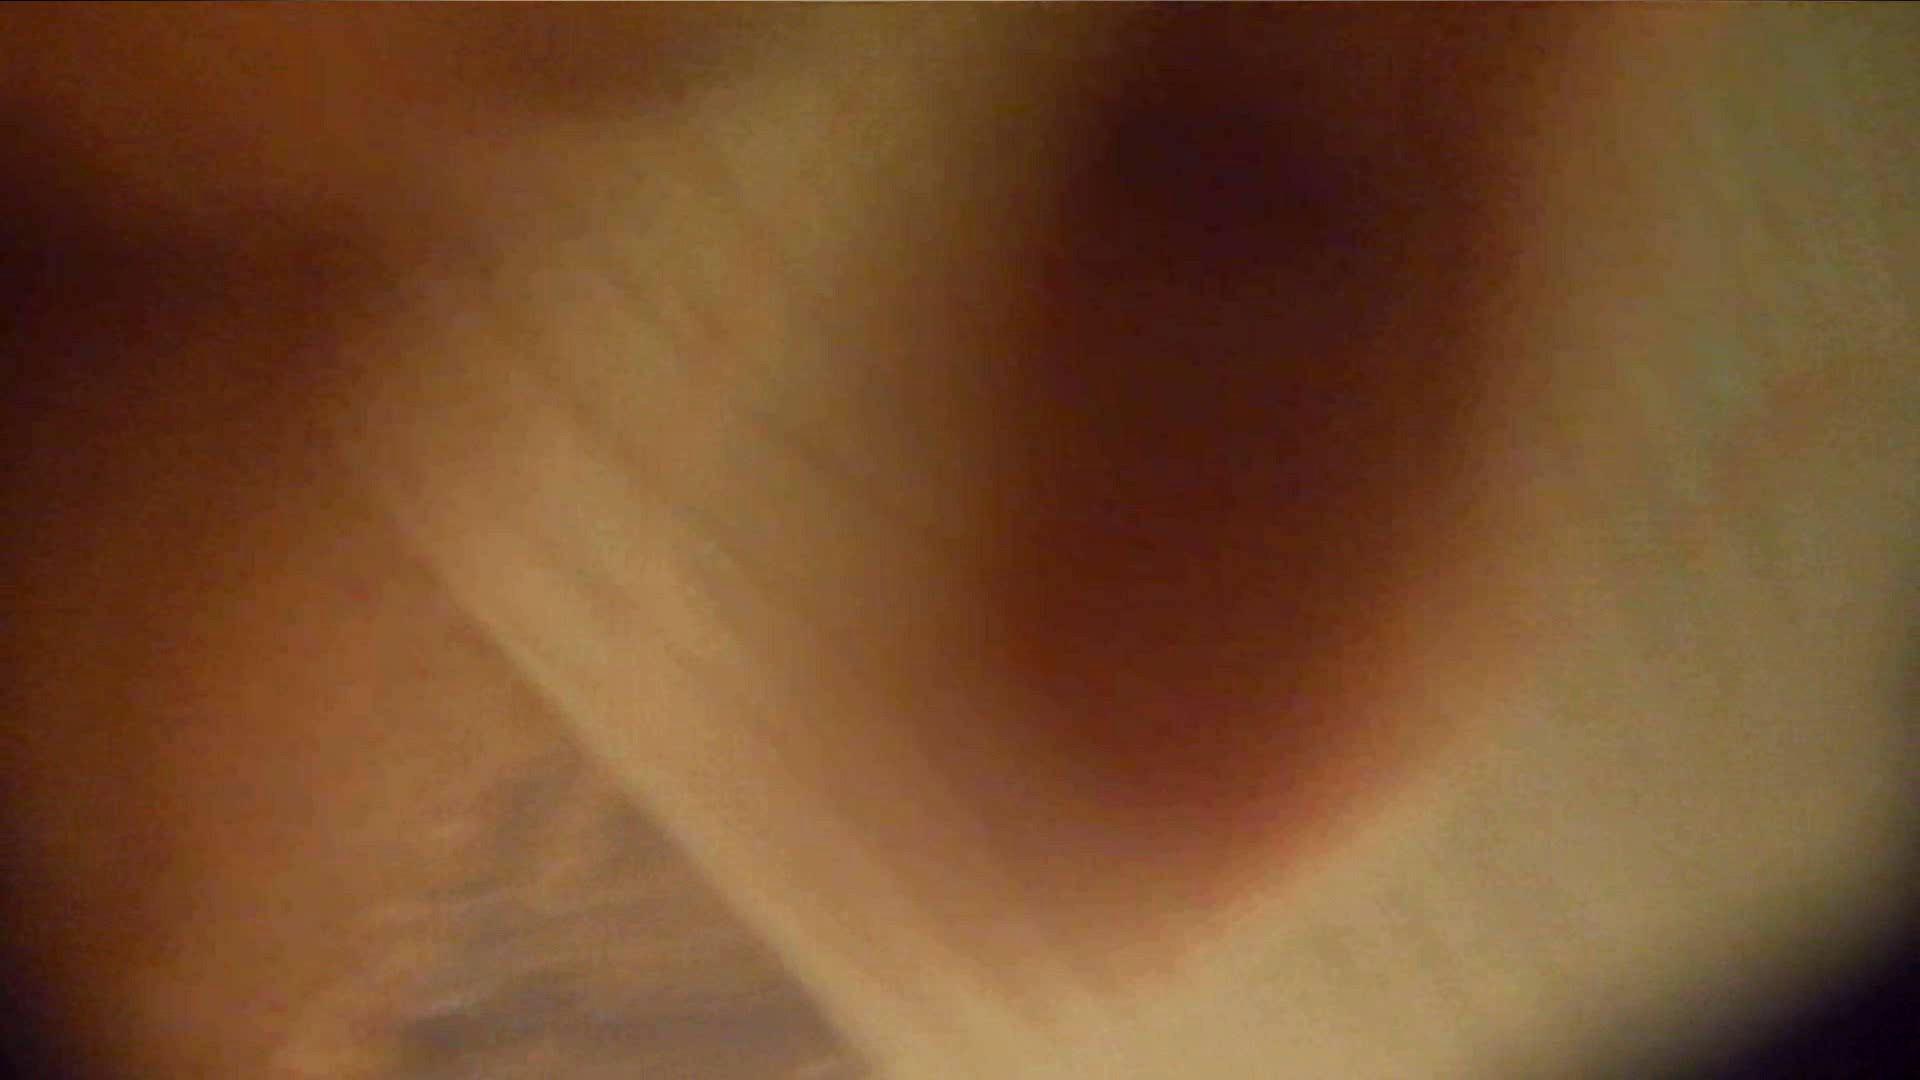 阿国ちゃんの「和式洋式七変化」No.9 和式 ヌード画像 52枚